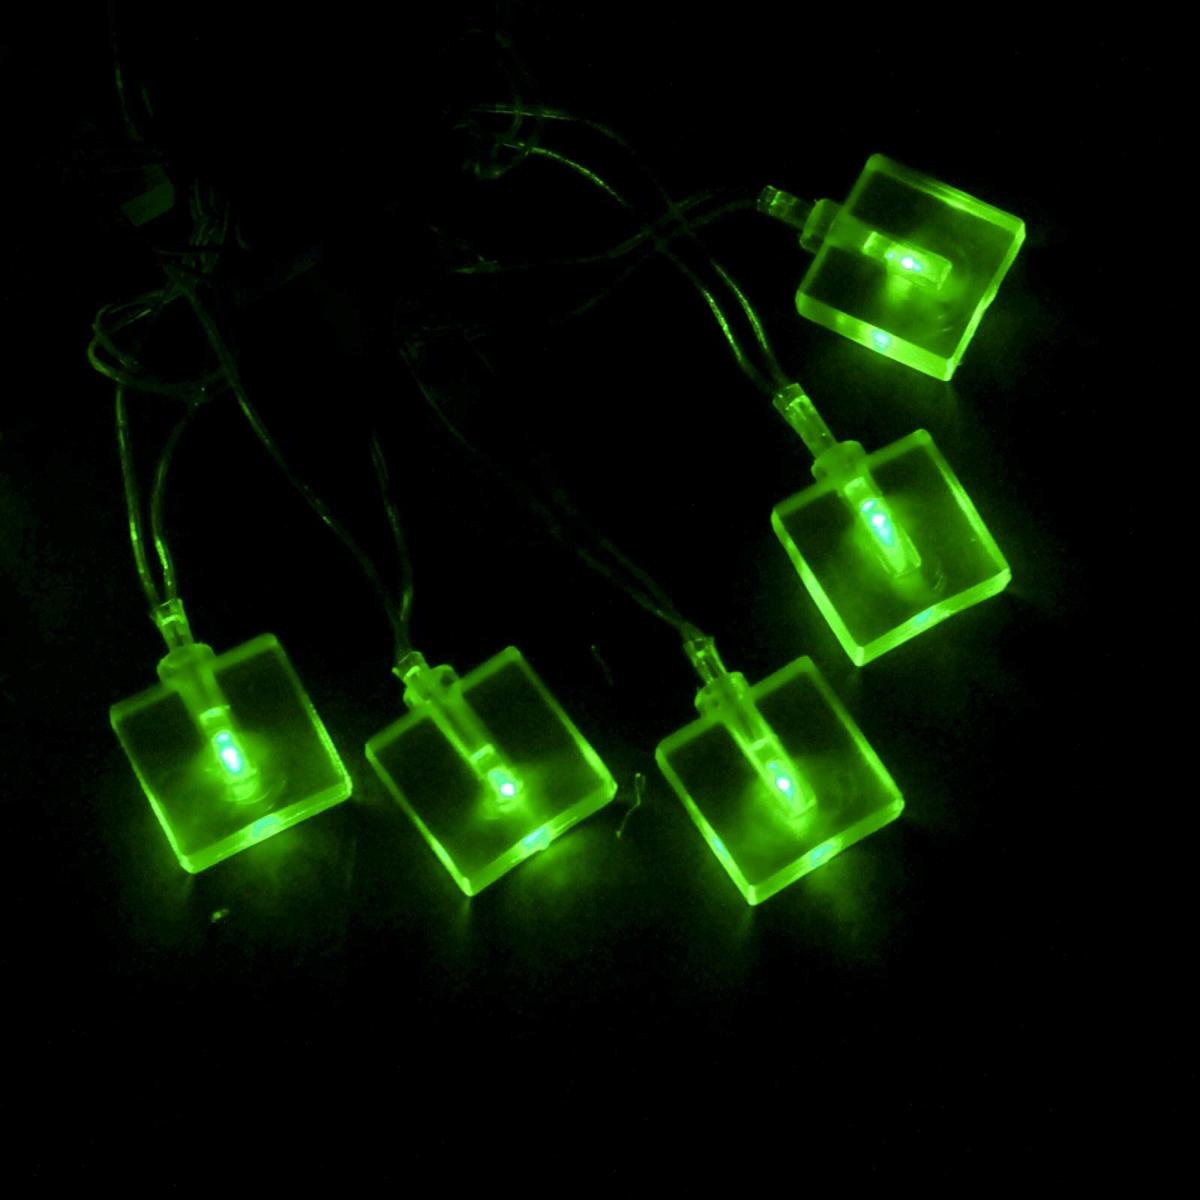 Гирлянда светодиодная Sima-land Метраж. Кубики, цвет: зеленый, 70 ламп, 8 режимов, 220 V, длина 10 м. 676367676367Светодиодные гирлянды и ленты — это отличный вариант для новогоднего оформления интерьера или фасада. С их помощью помещение любого размера можно превратить в праздничный зал, а внешние элементы зданий, украшенные ими, мгновенно станут напоминать очертания сказочного дворца. Такие украшения создают ауру предвкушения чуда. Деревья, фасады, витрины, окна и арки будто специально созданы, чтобы вы украсили их светящимися нитями.